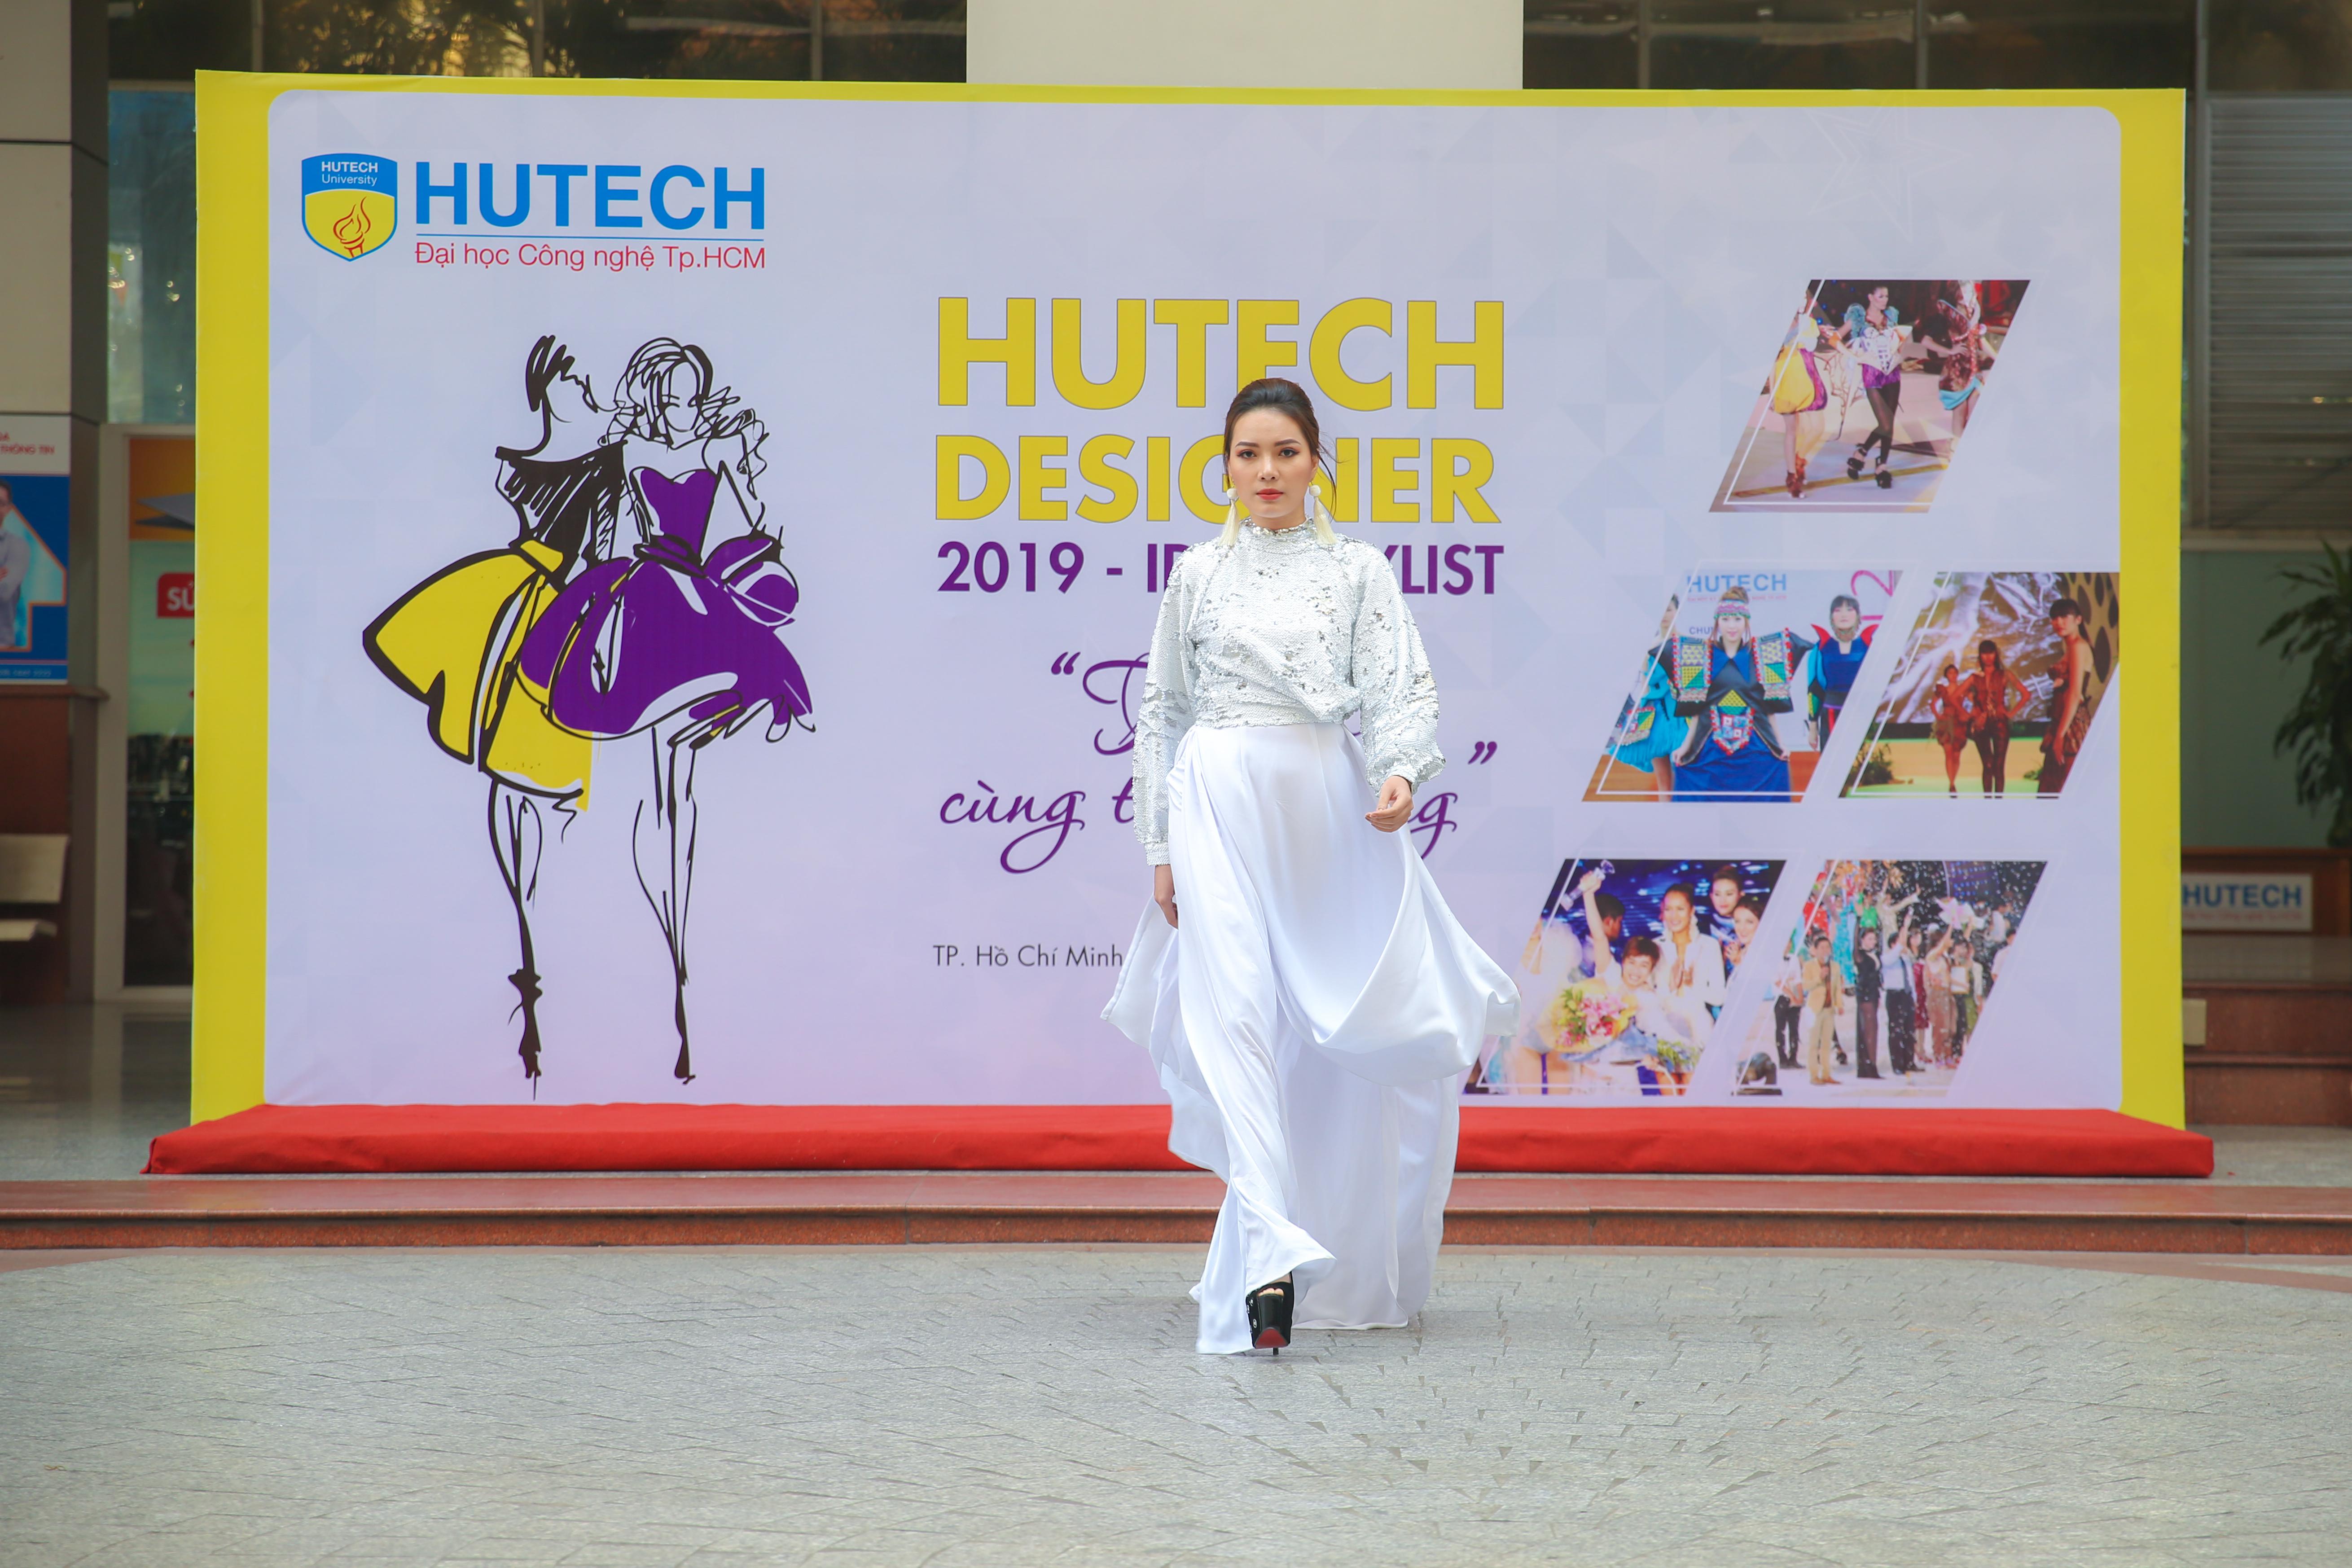 Trường ĐH Công nghệ TP.HCM phát động cuộc thi Thiết kế thời trang chuyên nghiệp - HUTECH Designer 2019